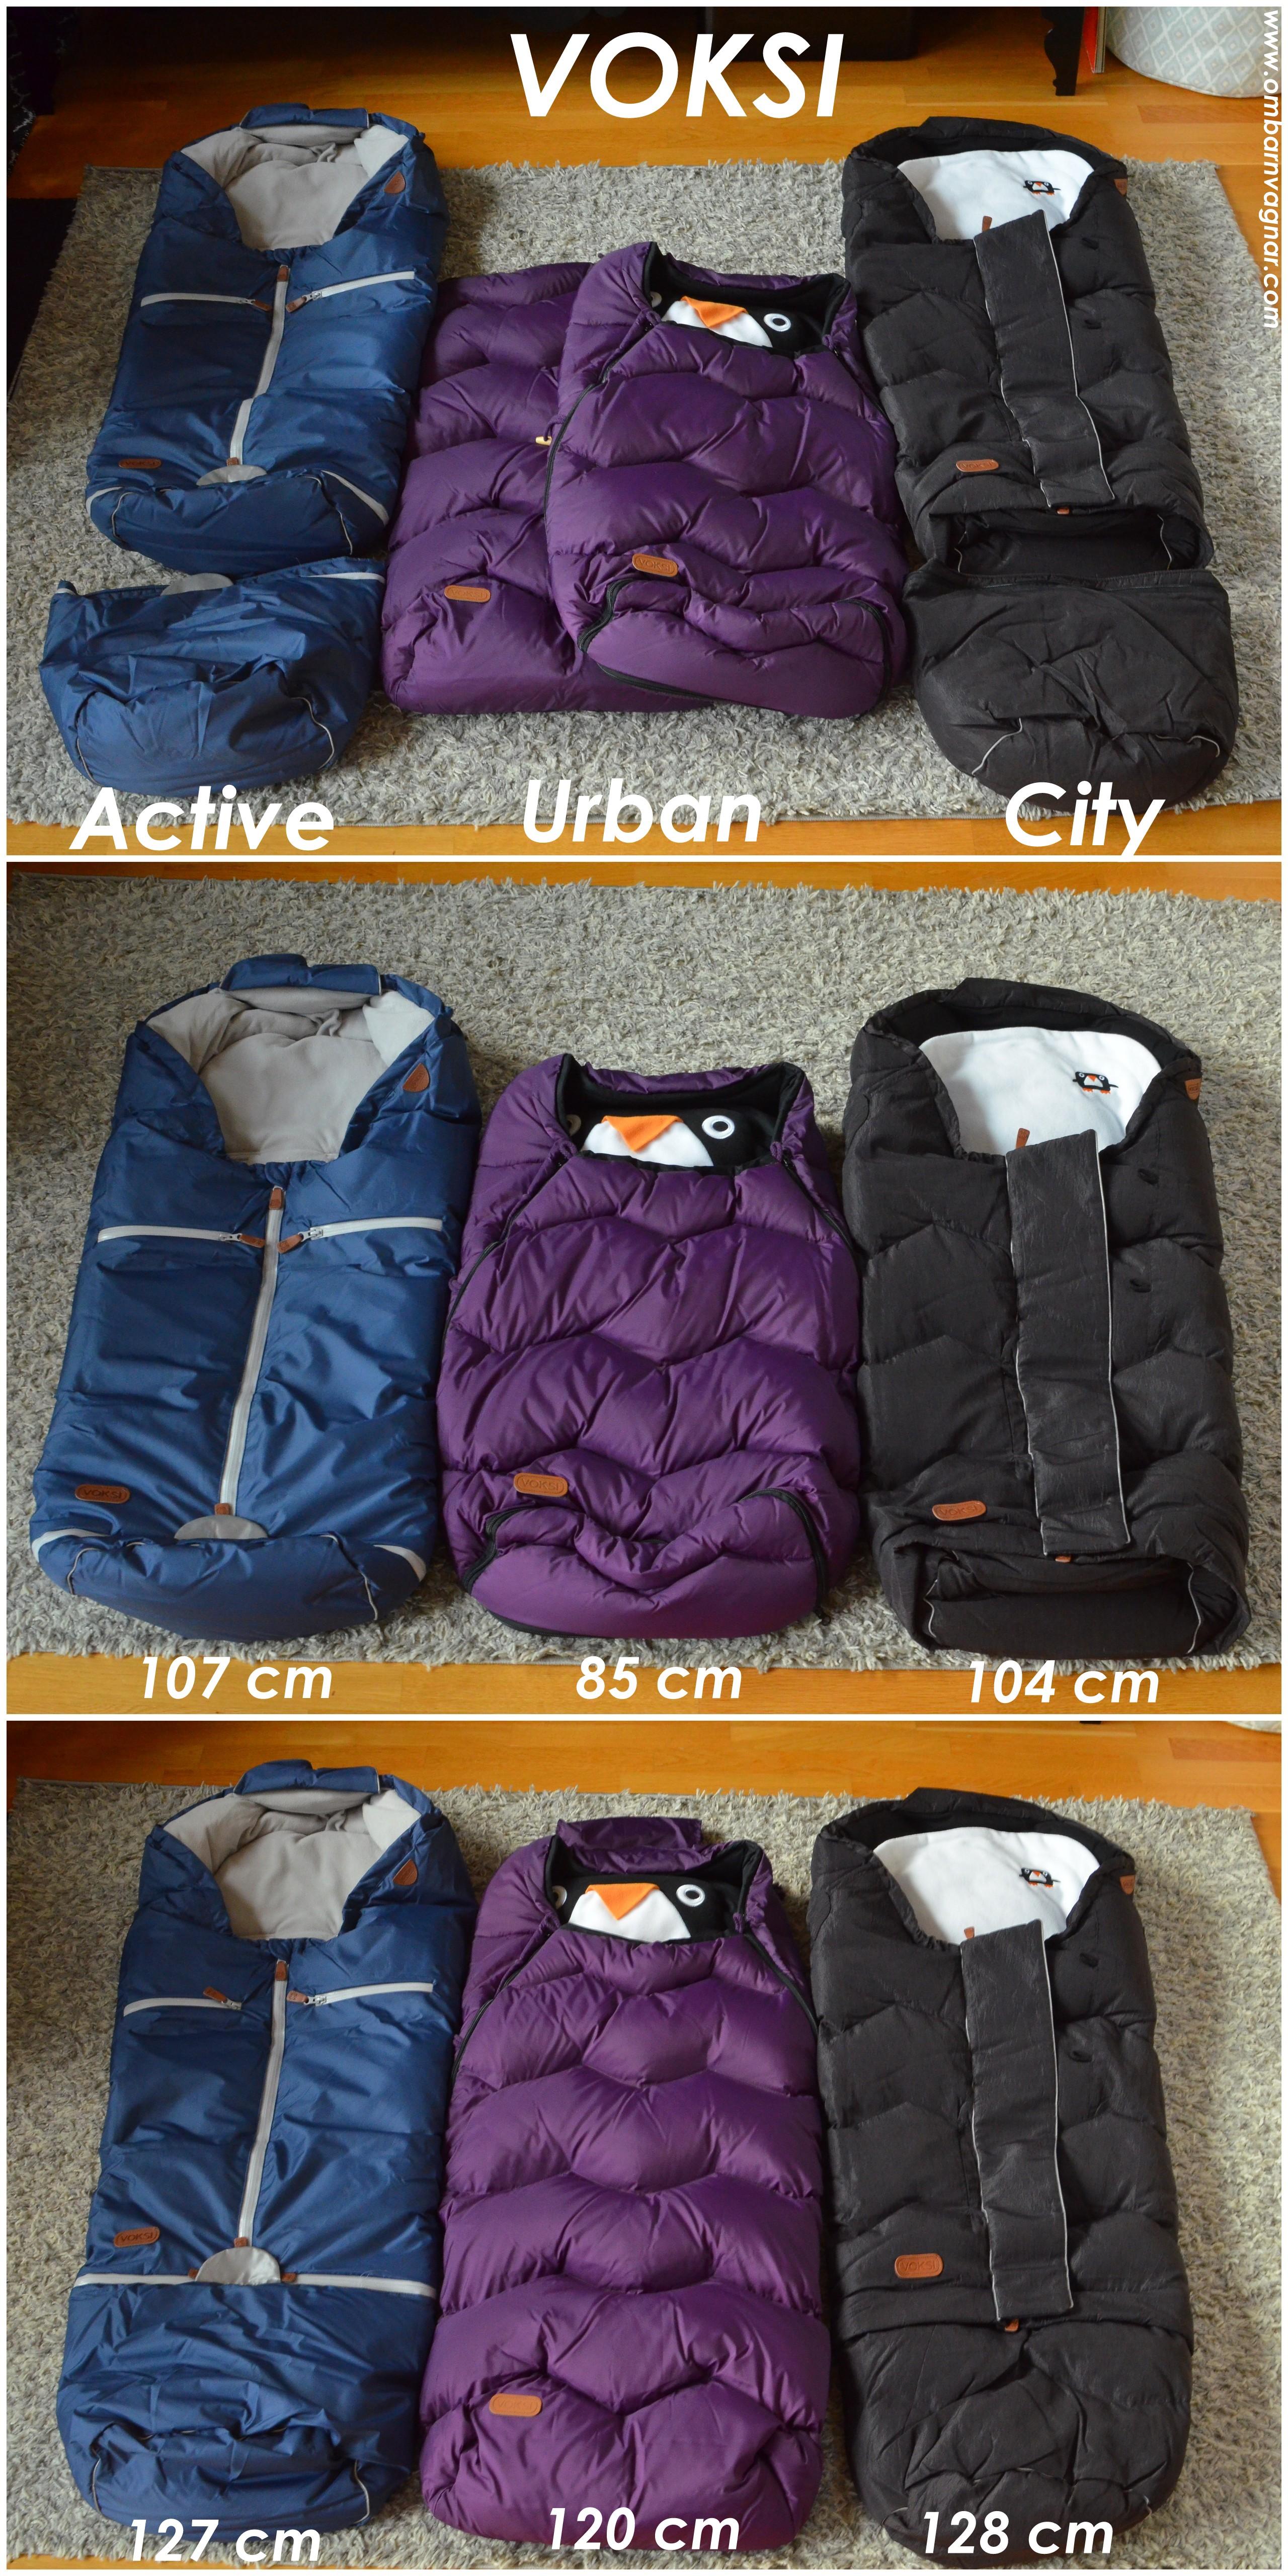 Voksi City är förlängningsbar och jämförs på bilden med Voksi Active och Voksi Urban